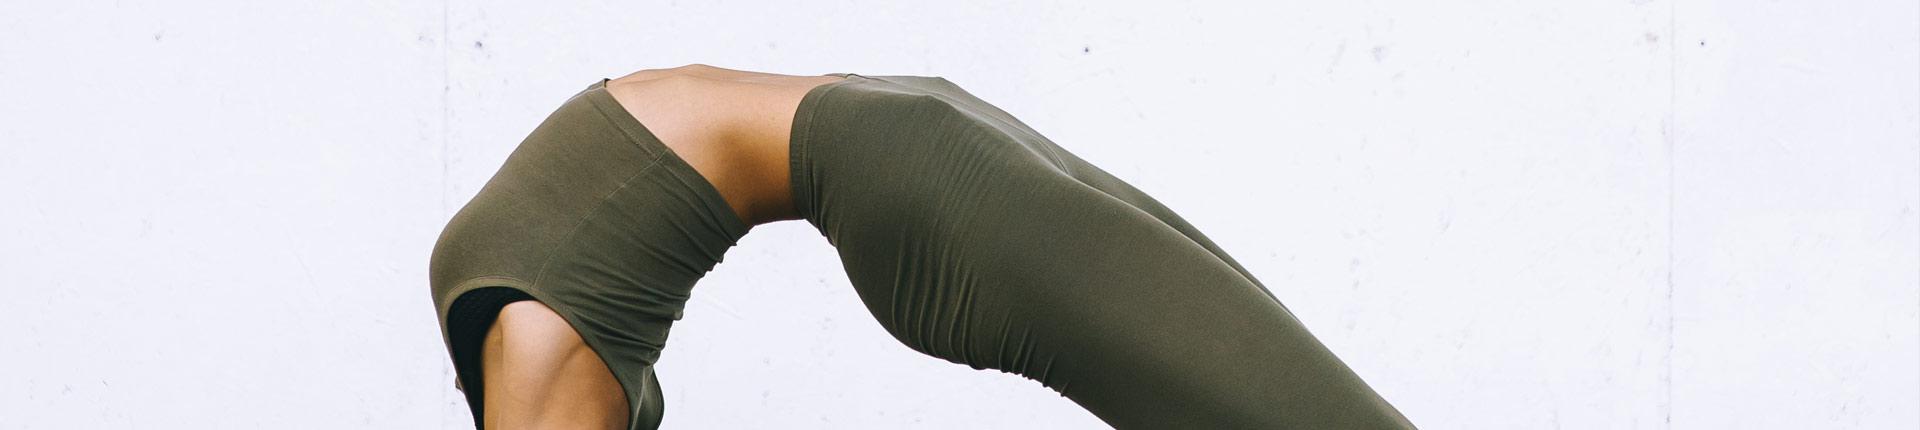 Czy joga może poprawić stan kości i zapobiec utracie masy kostnej?